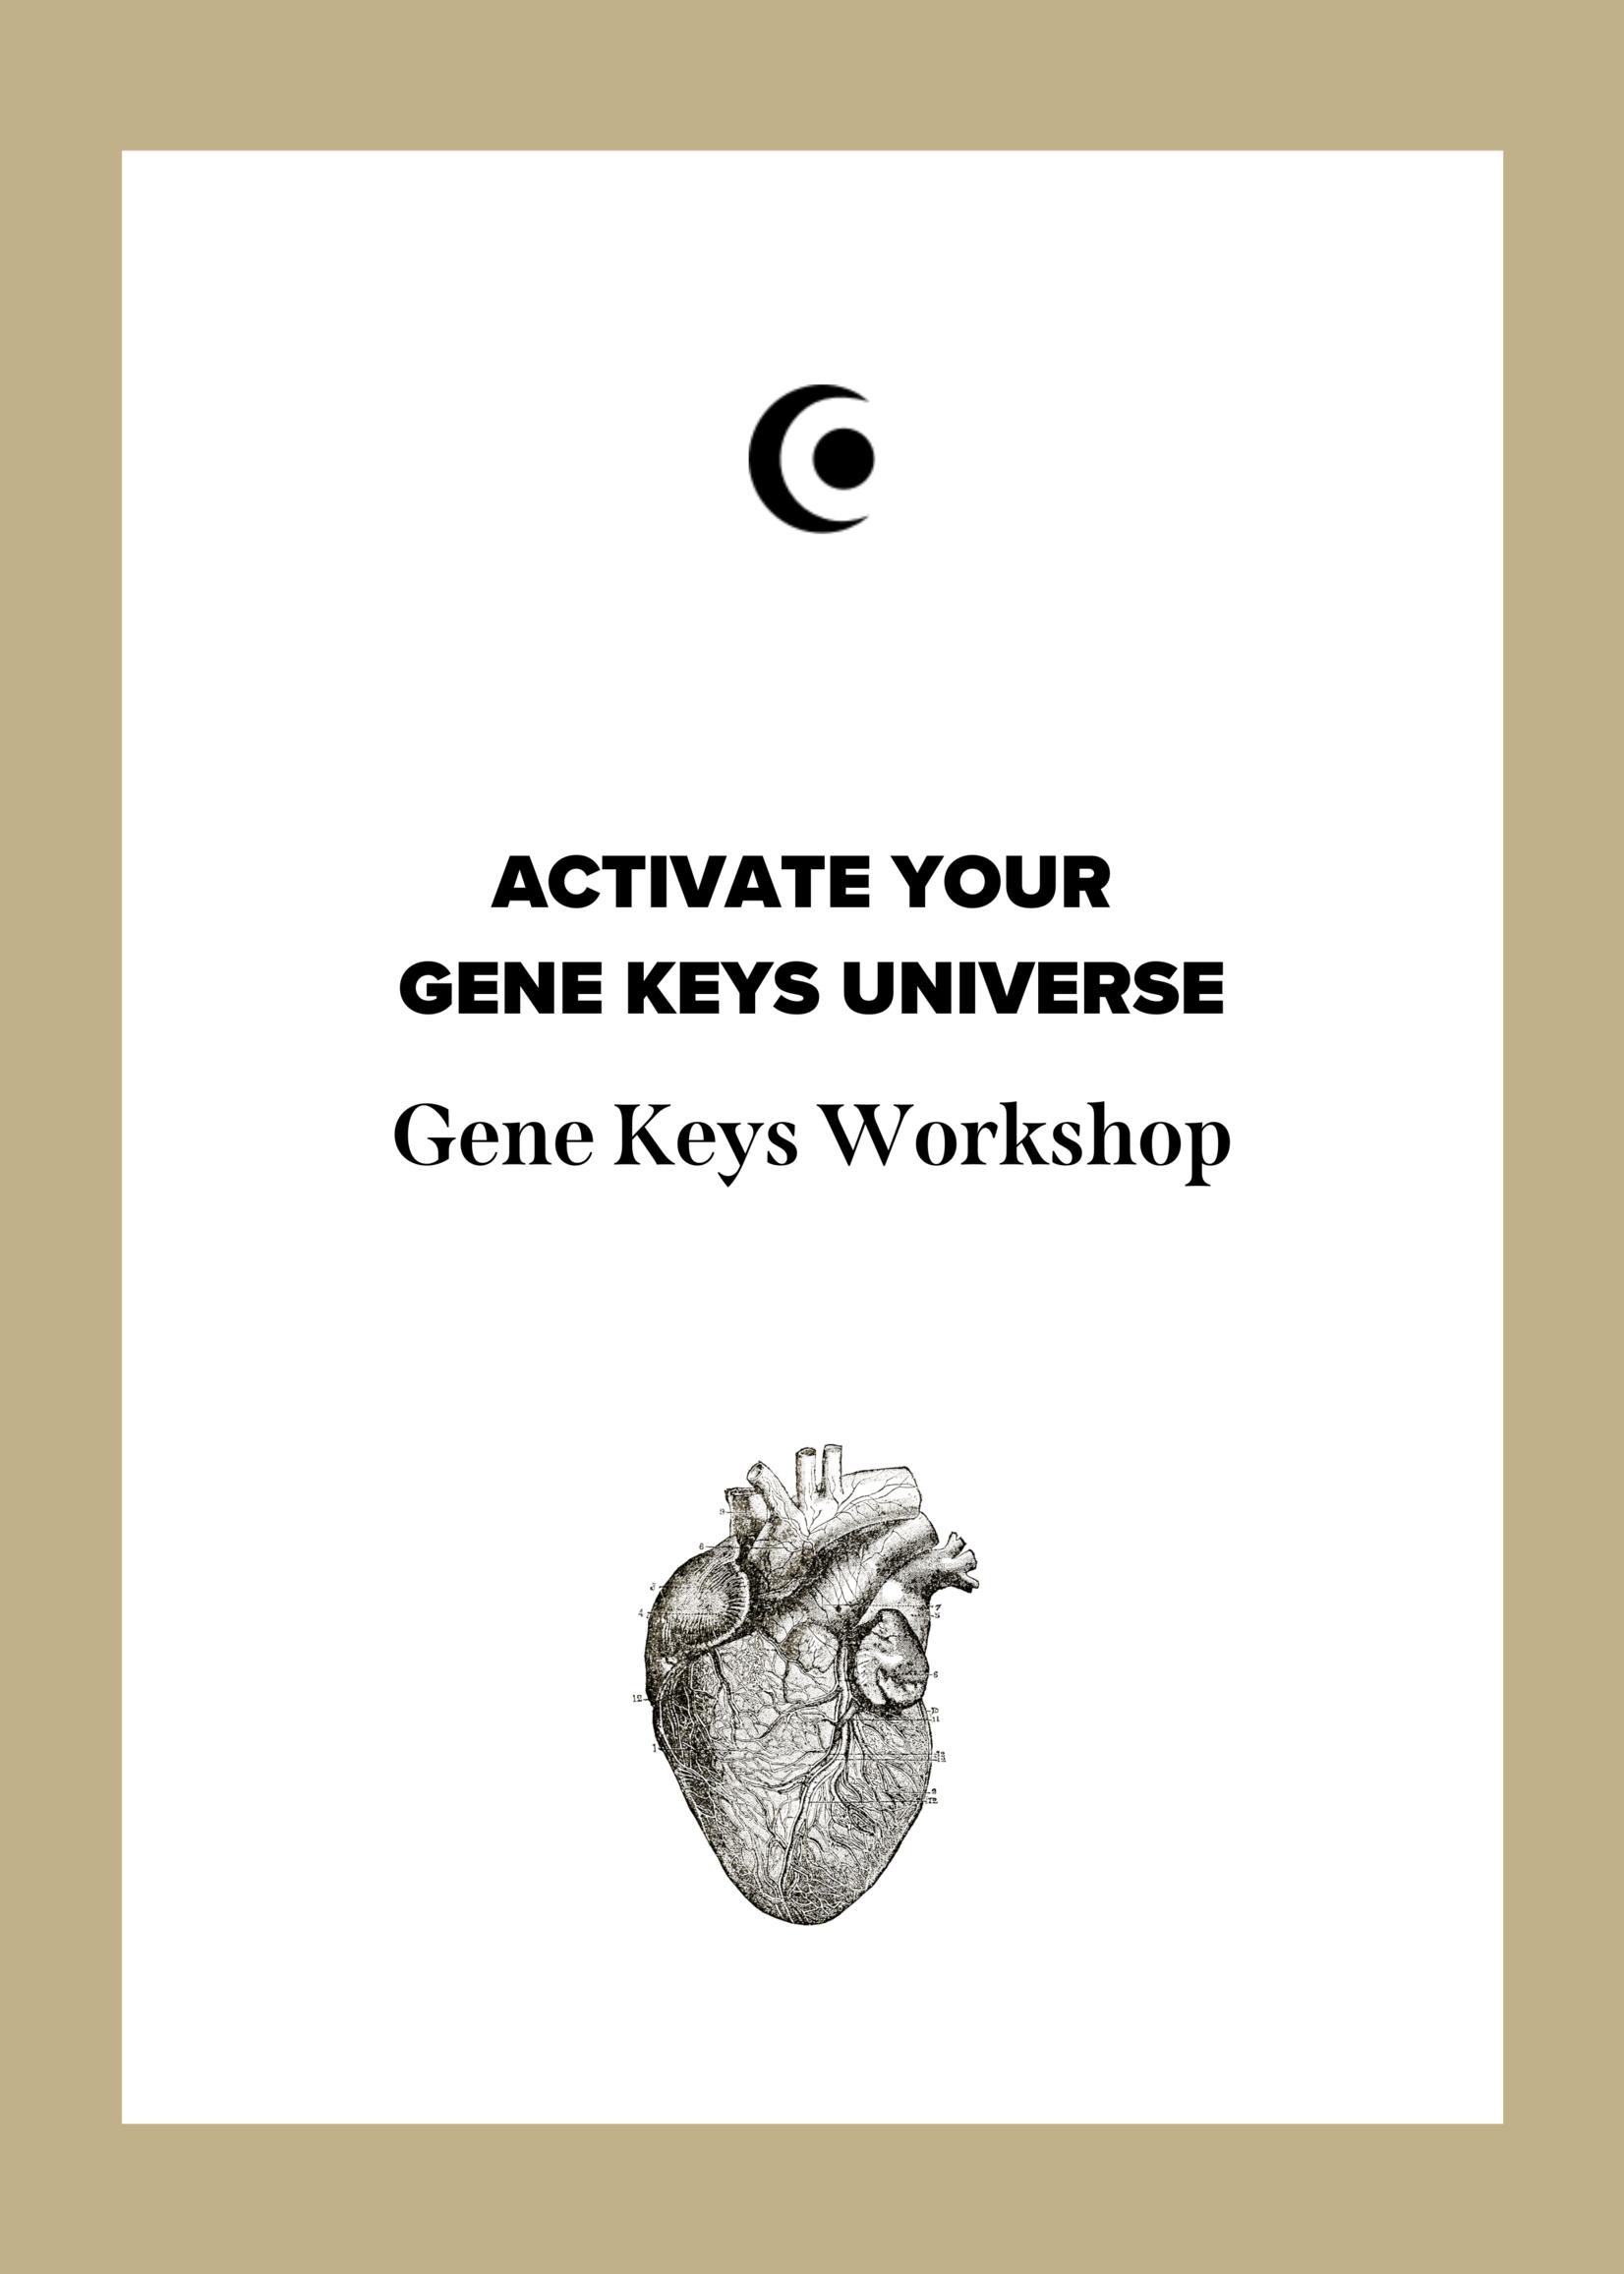 ACTIVATE YOUR  GENE KEYS UNIVERSE Workshop